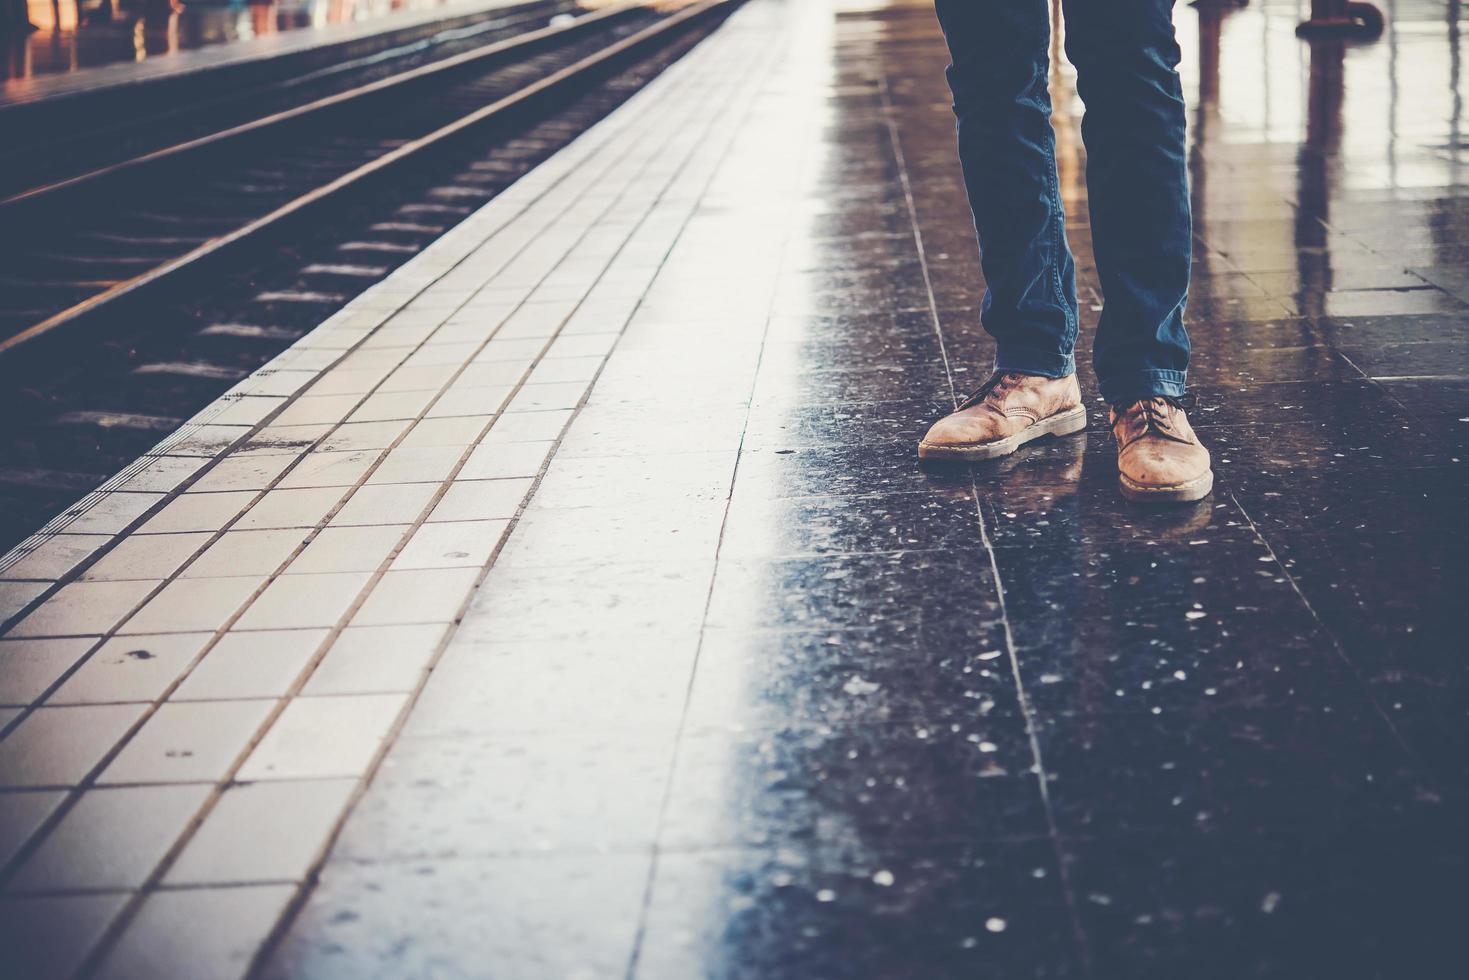 voeten van een jonge man met spijkerbroek te wachten op de trein foto